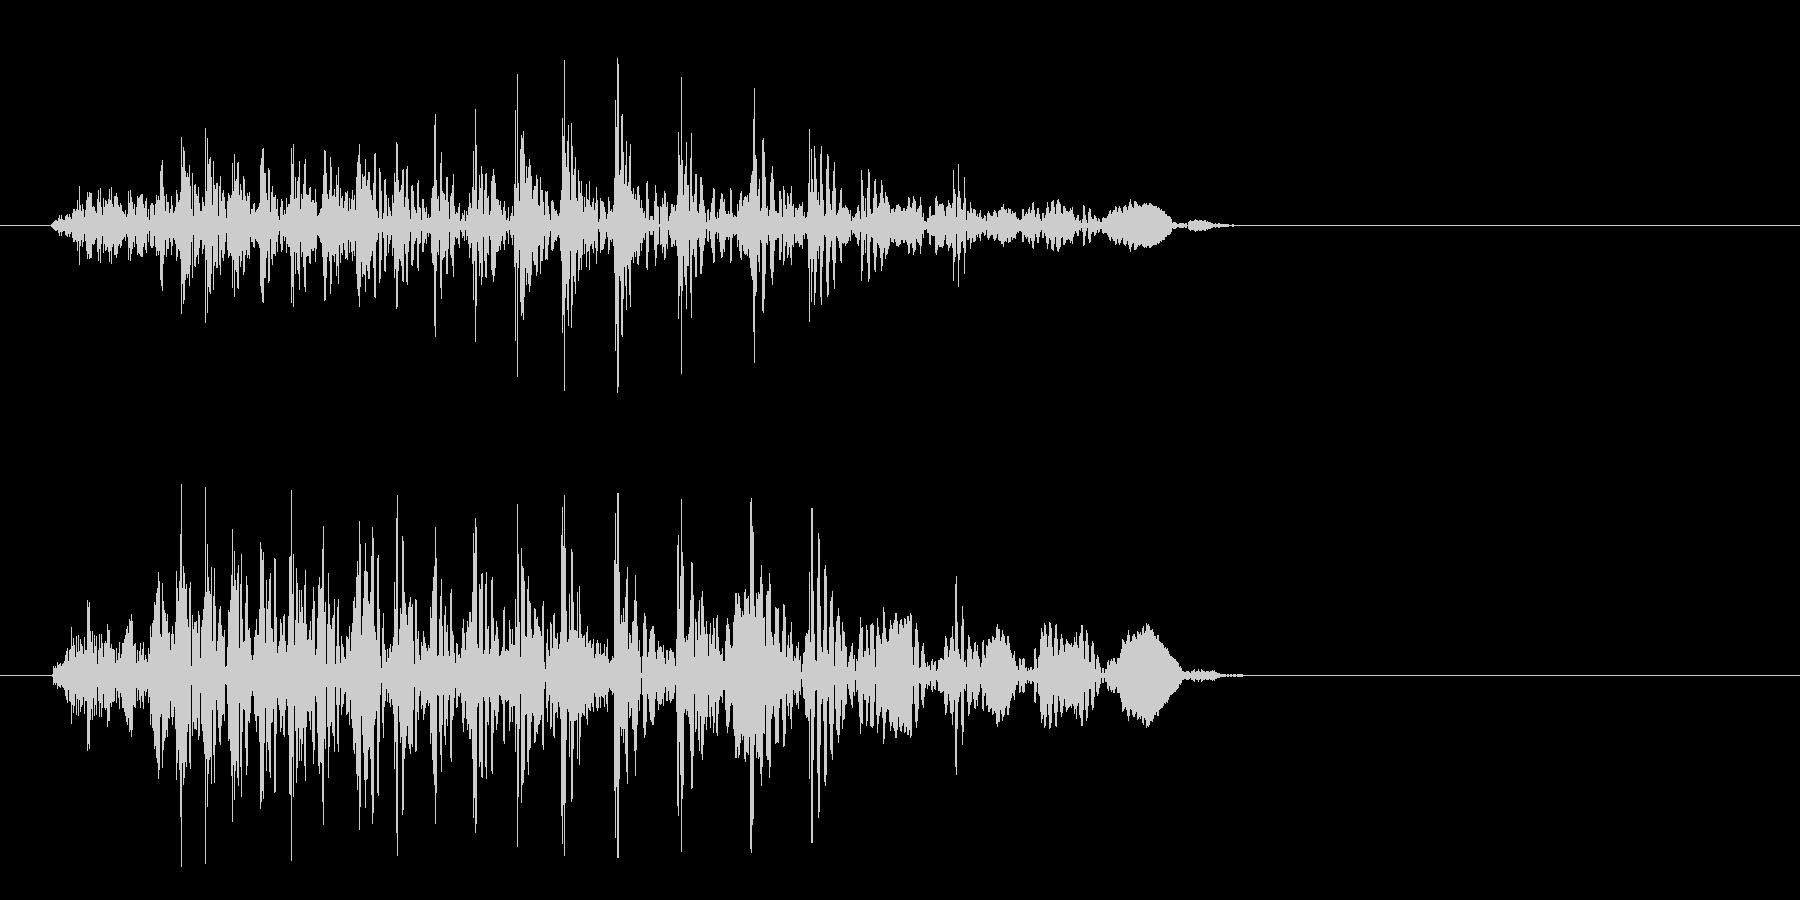 ちゃわ(宇宙人の発声)の未再生の波形